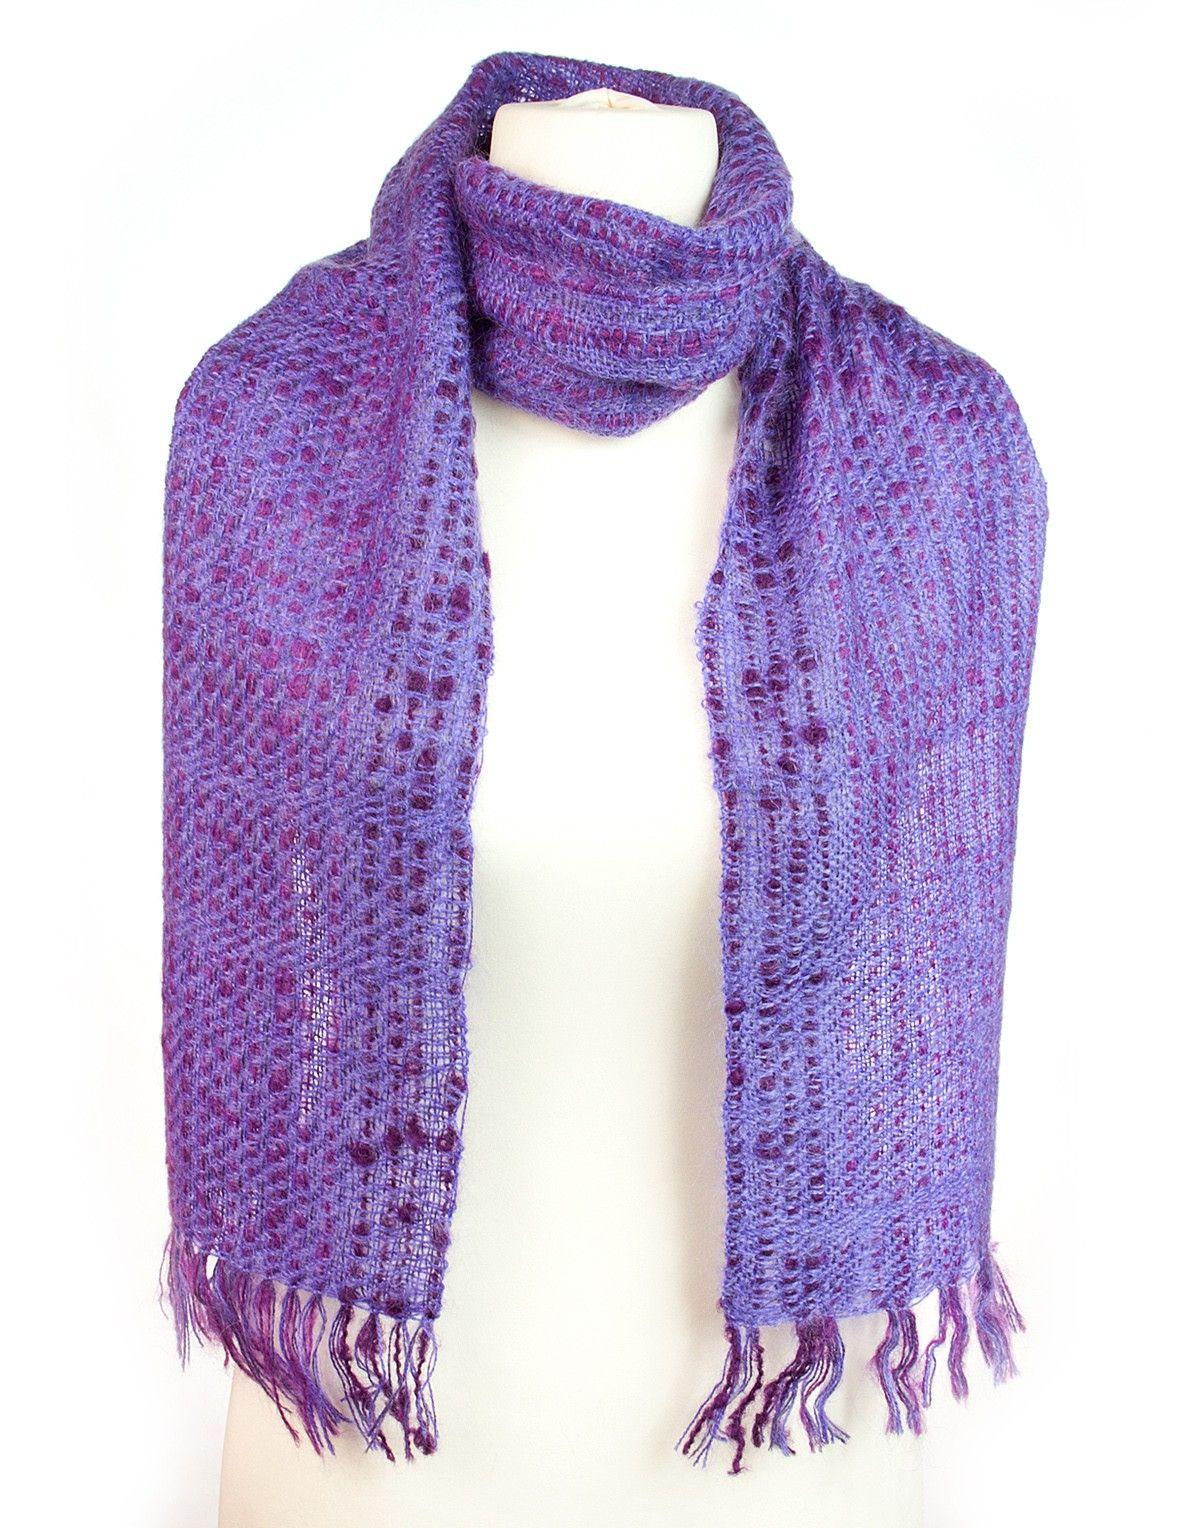 Écharpe violette en mohair de chevreau   Écharpes, Violettes et ... da3e142ed64